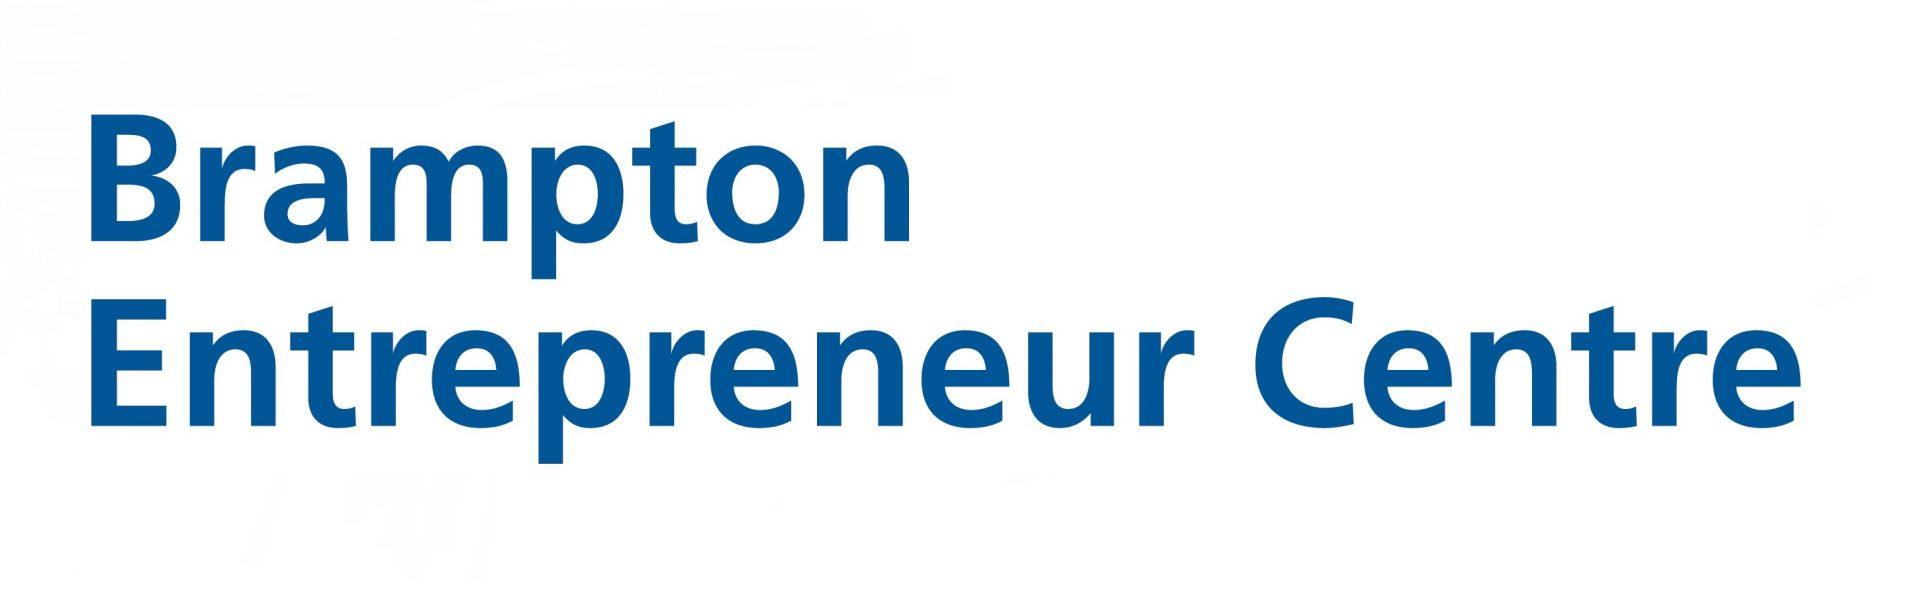 Brampton Entrepreneur Centre sponsor for Monster Artist Development program